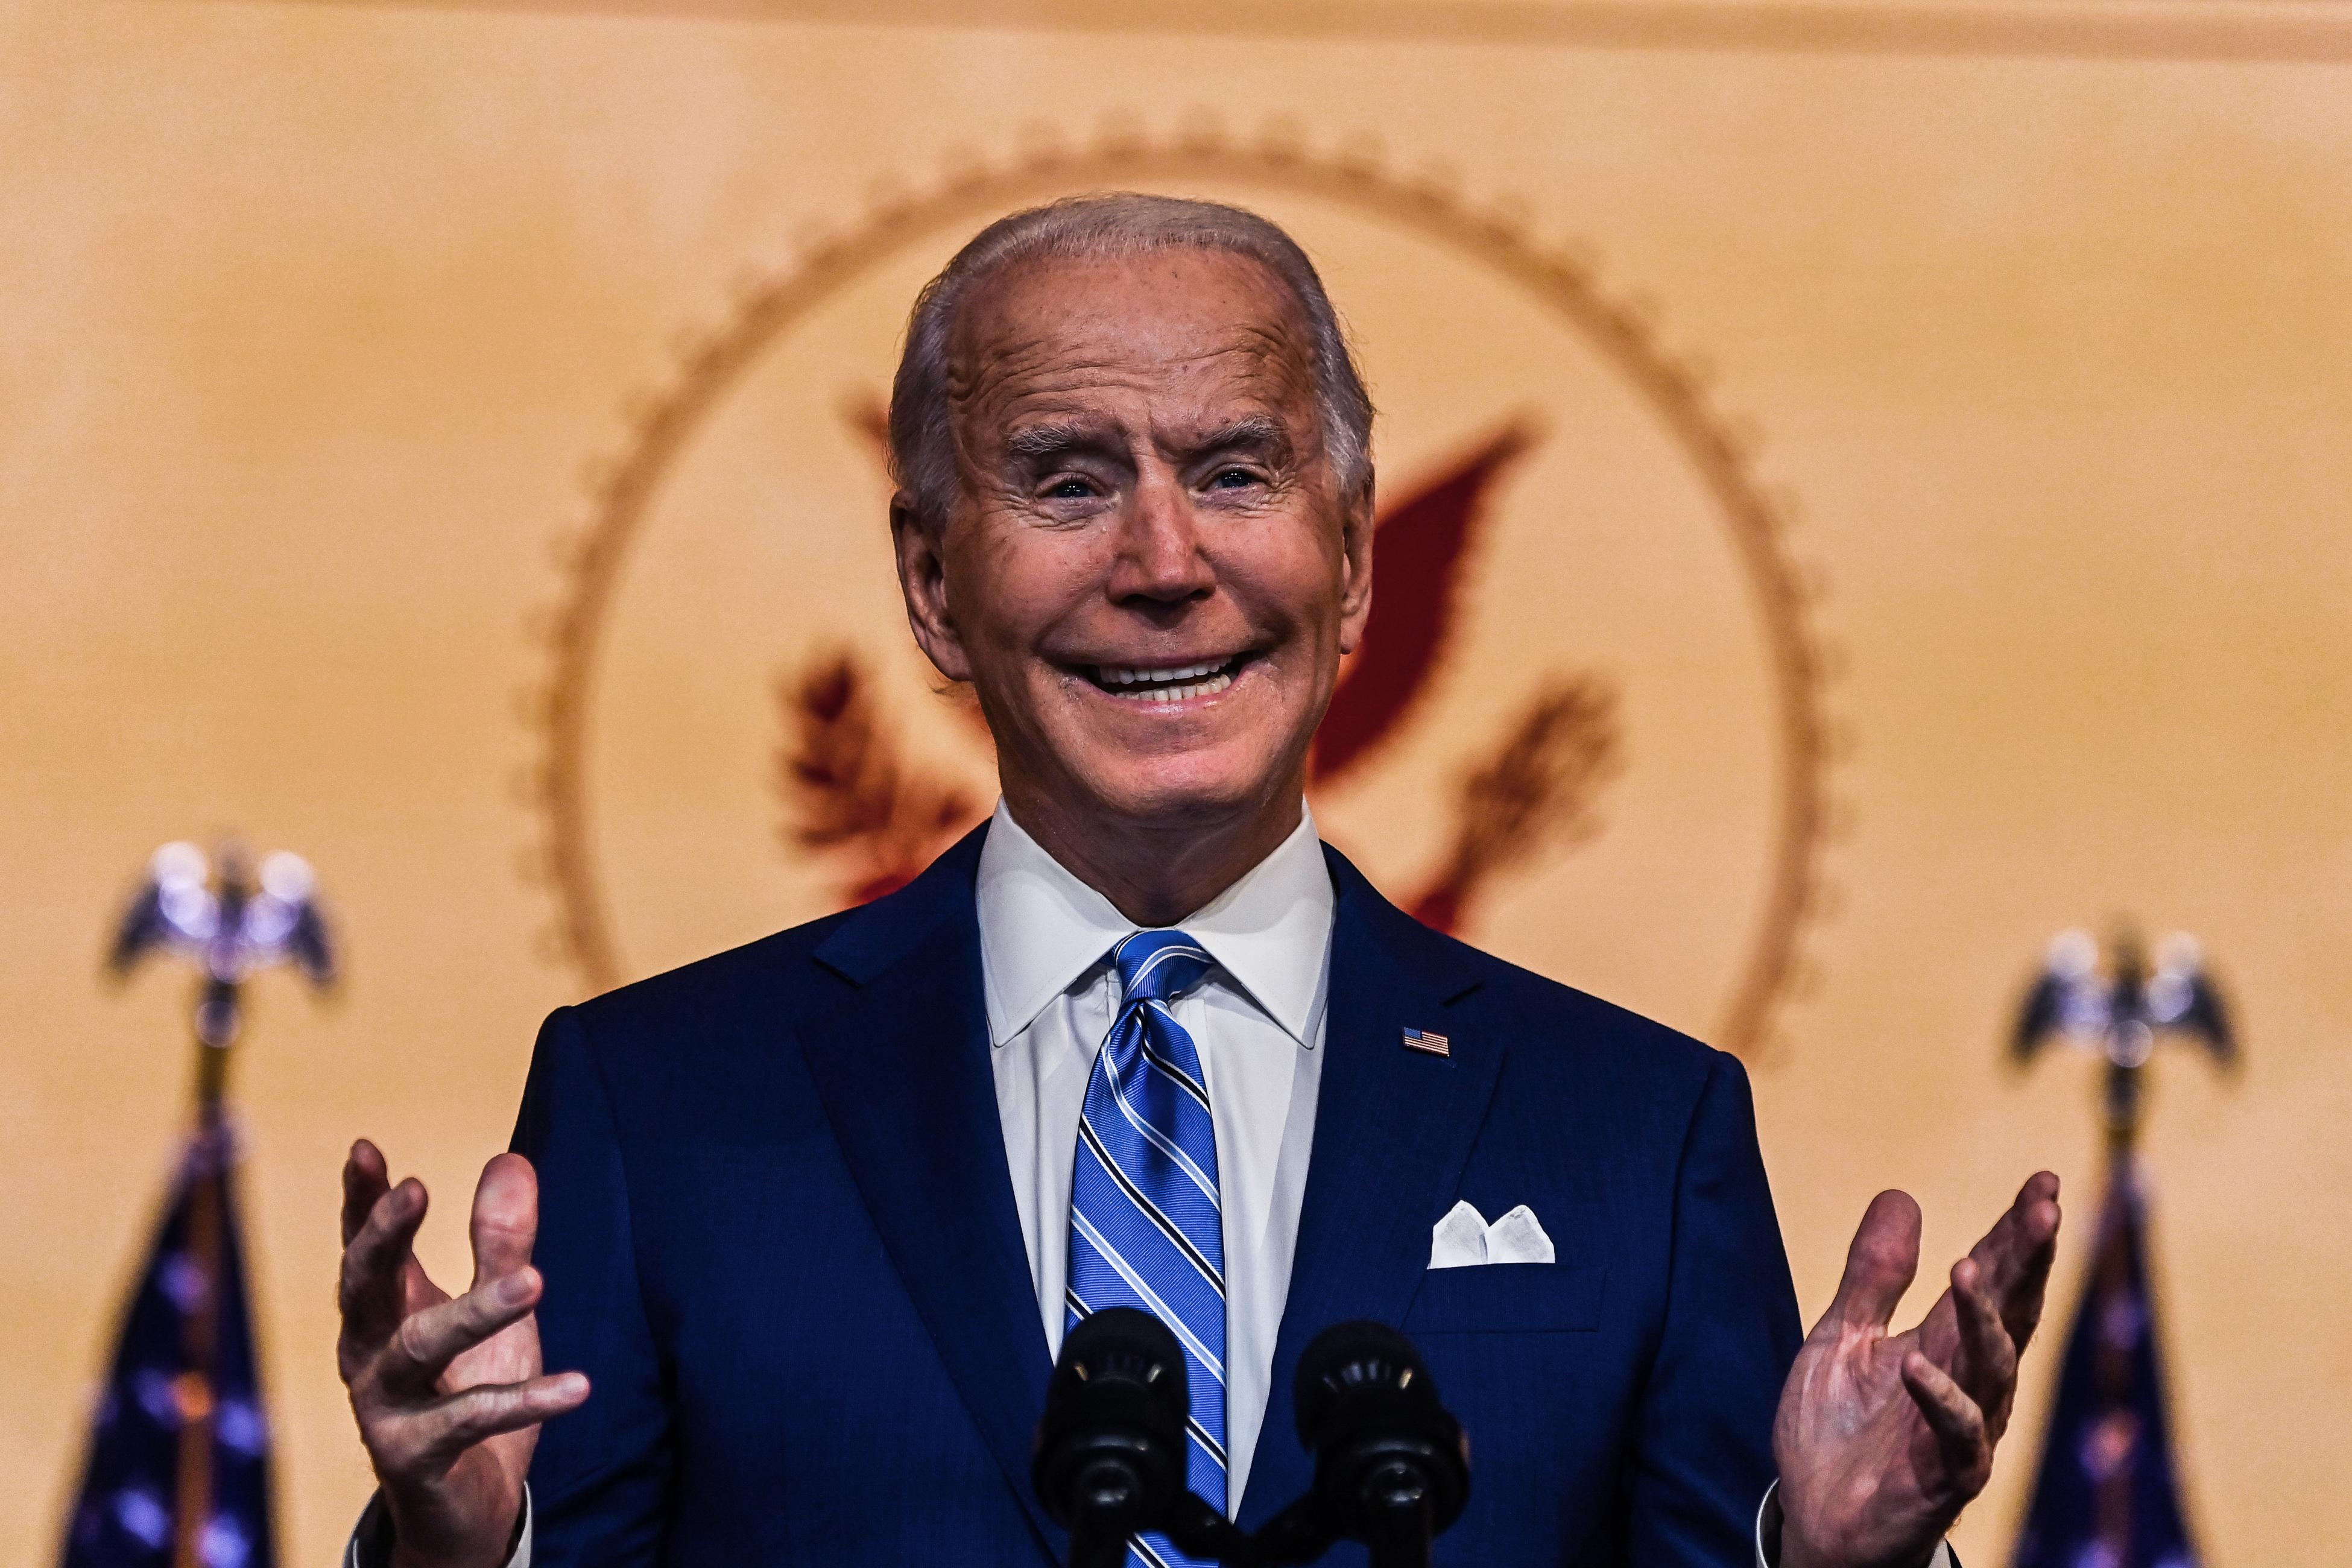 Wisconsinban és Arizonában is véglegesítették Joe Biden győzelmét